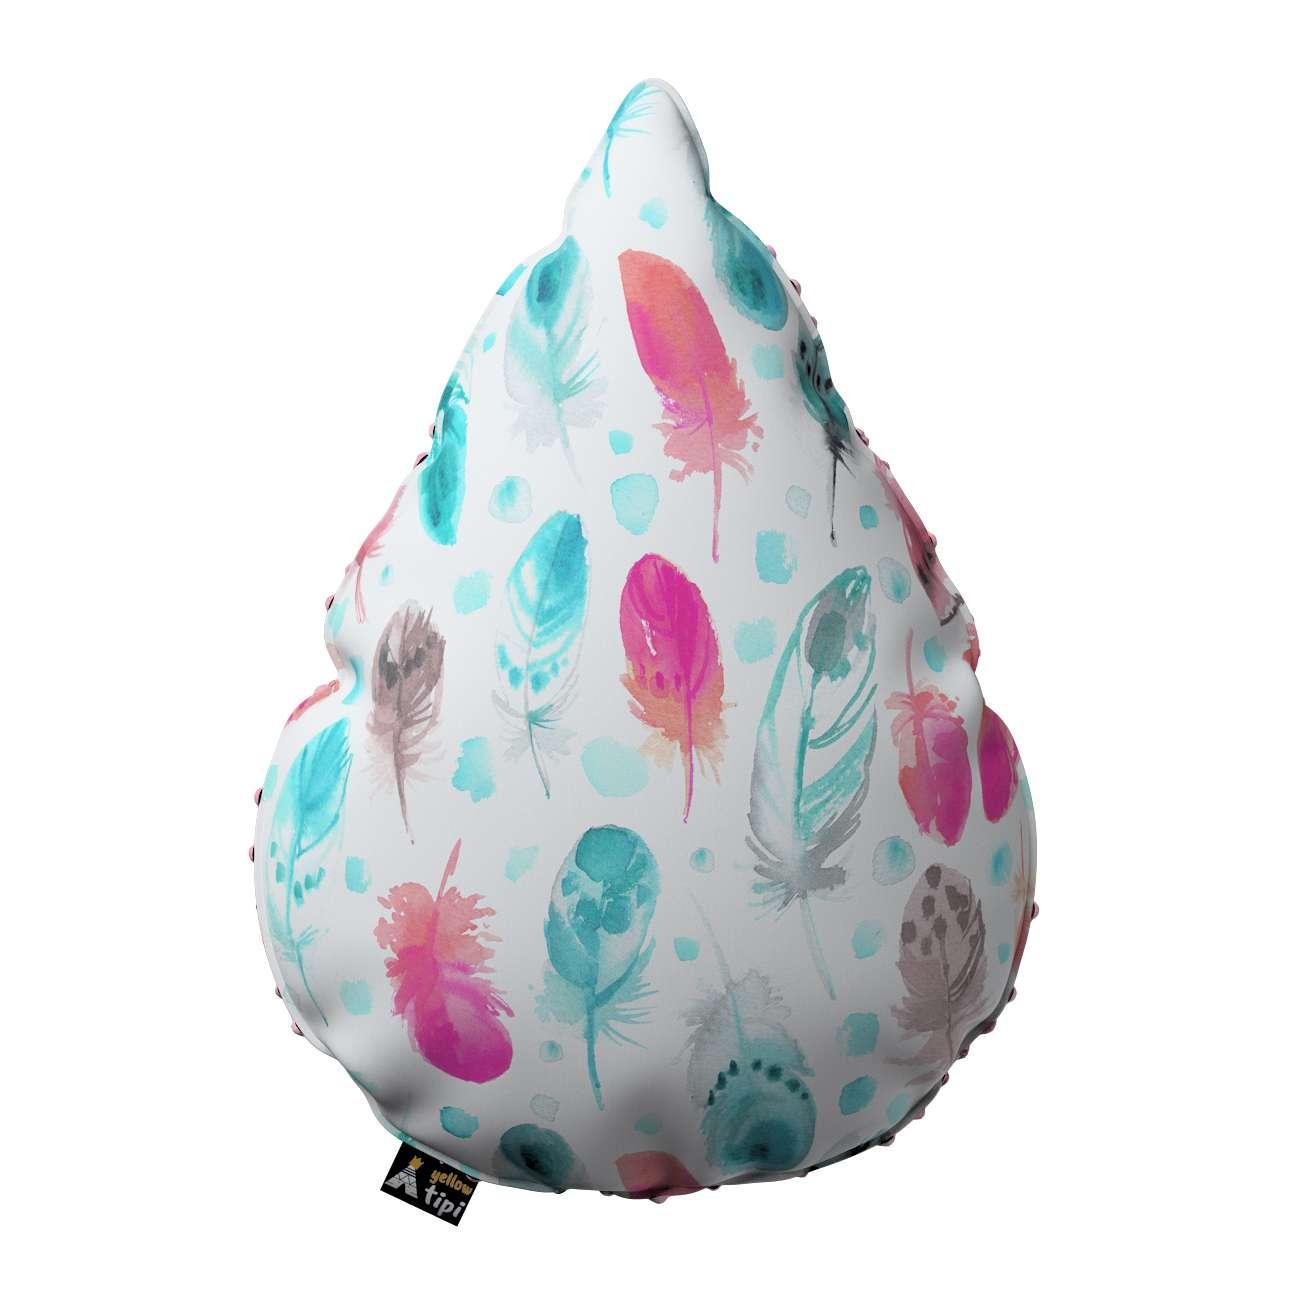 Kissen Sweet Drop aus Minky von der Kollektion Magic Collection, Stoff: 500-17